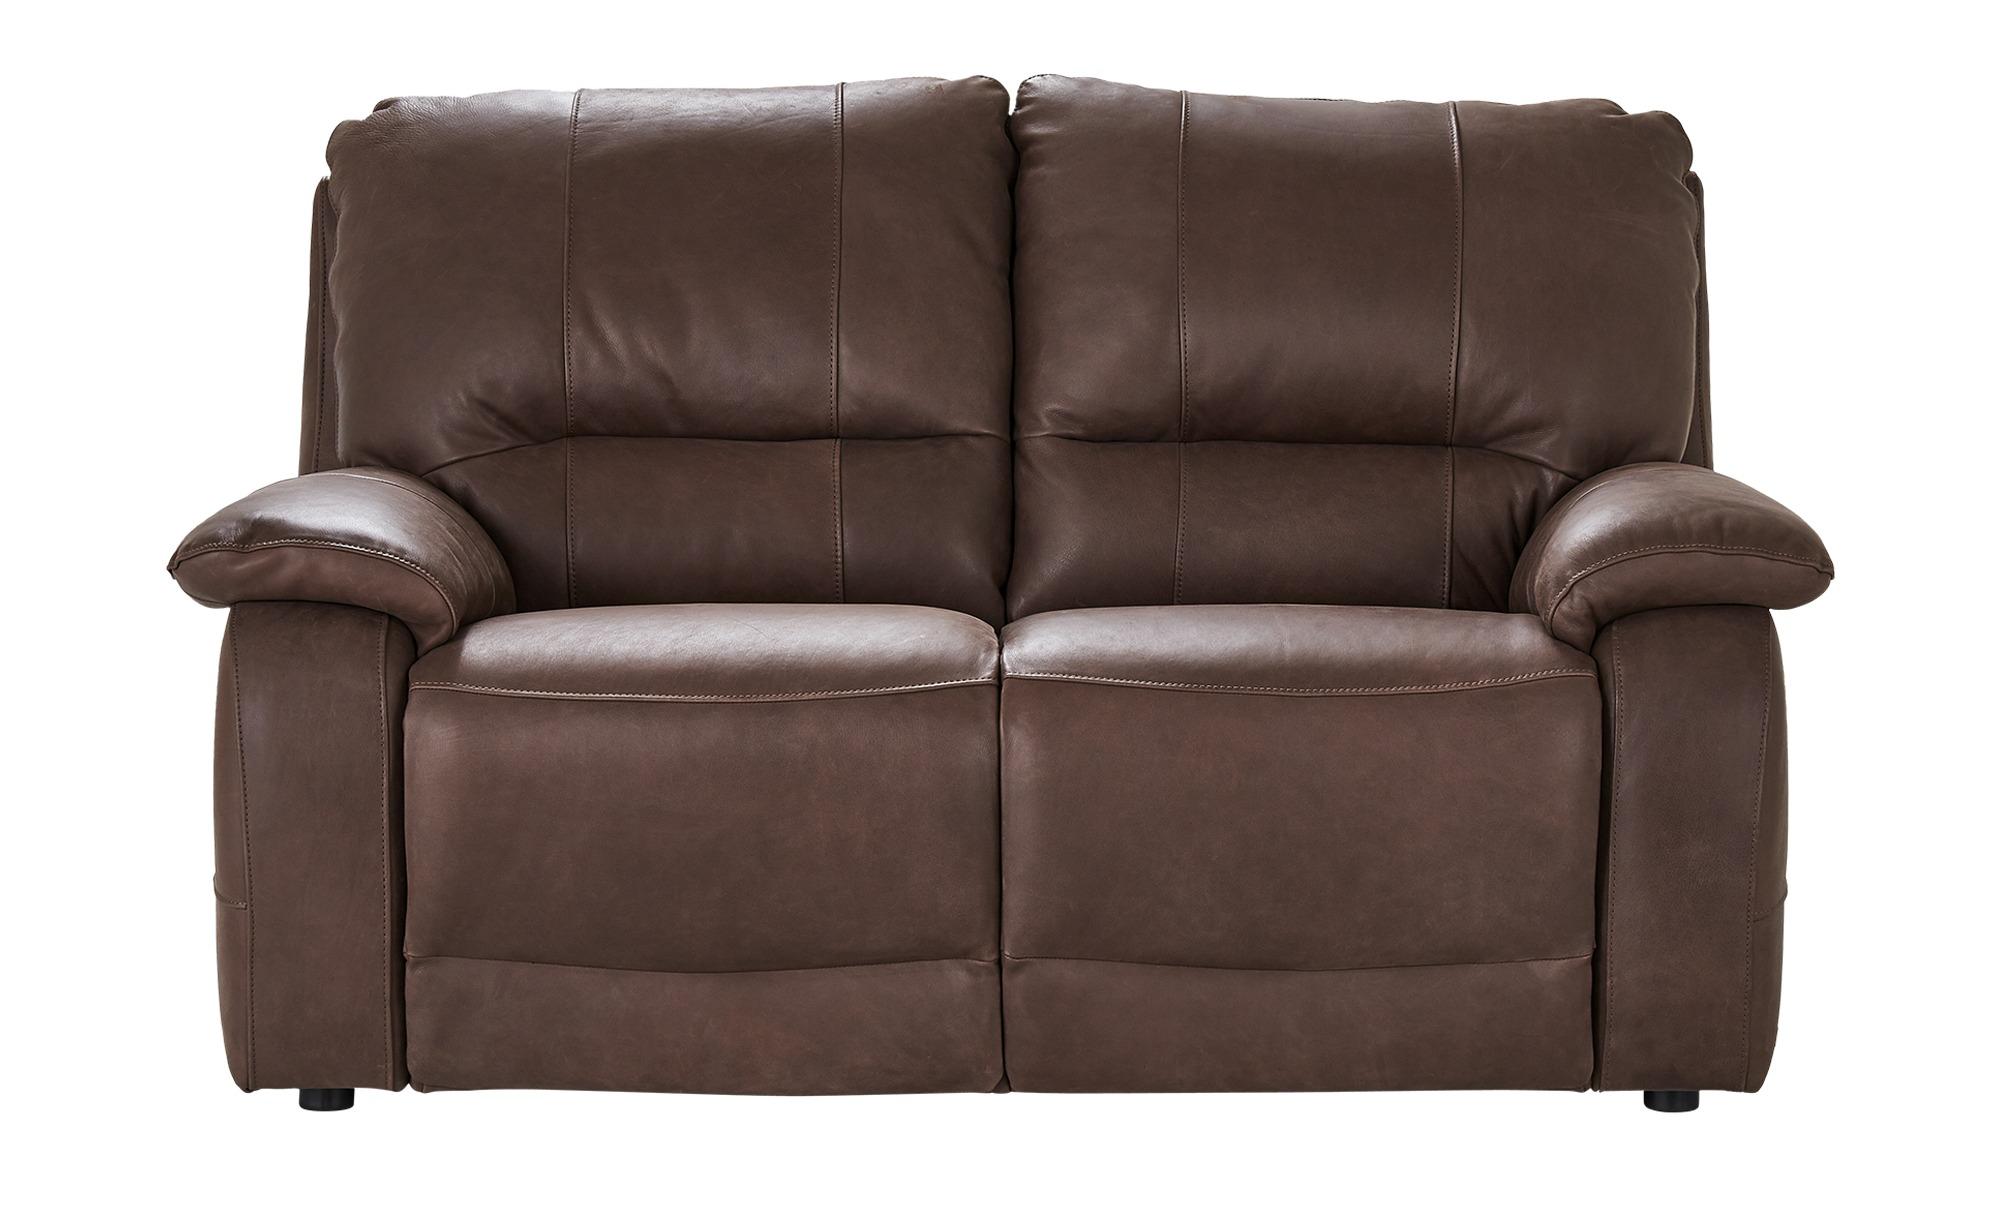 Full Size of Wohnwert Betten 2 3 Sitzer Sofas Online Kaufen Mbel Suchmaschine 200x220 Massivholz Schramm Mit Matratze Und Lattenrost 140x200 Hohe Tempur 180x200 Ikea Bett Wohnwert Betten